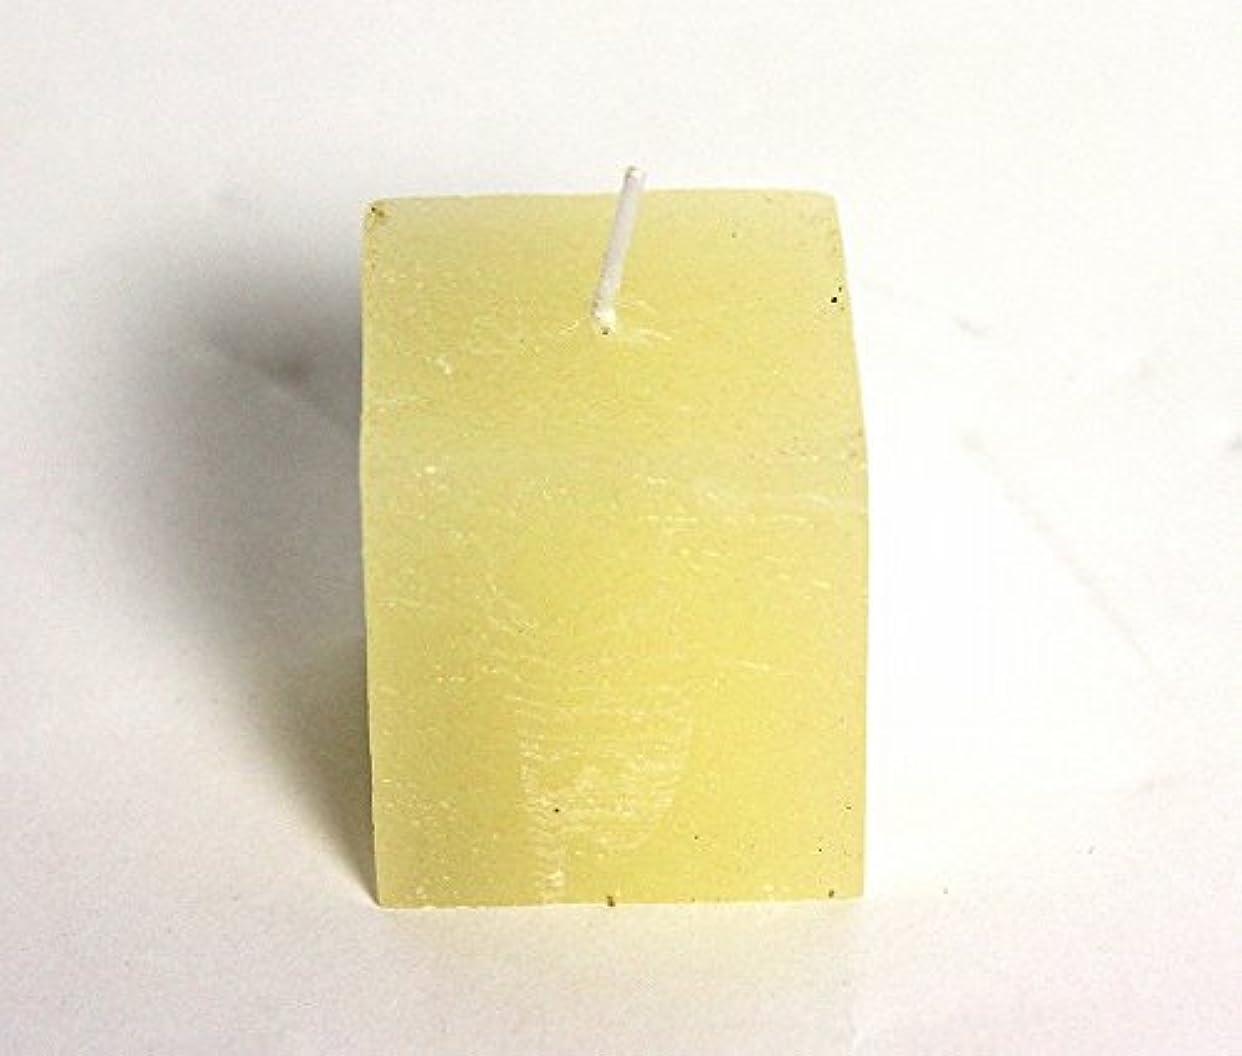 死の顎純粋なドリンクカメヤマキャンドル( kameyama candle ) ラスティクミニキューブ 「 アイボリー 」